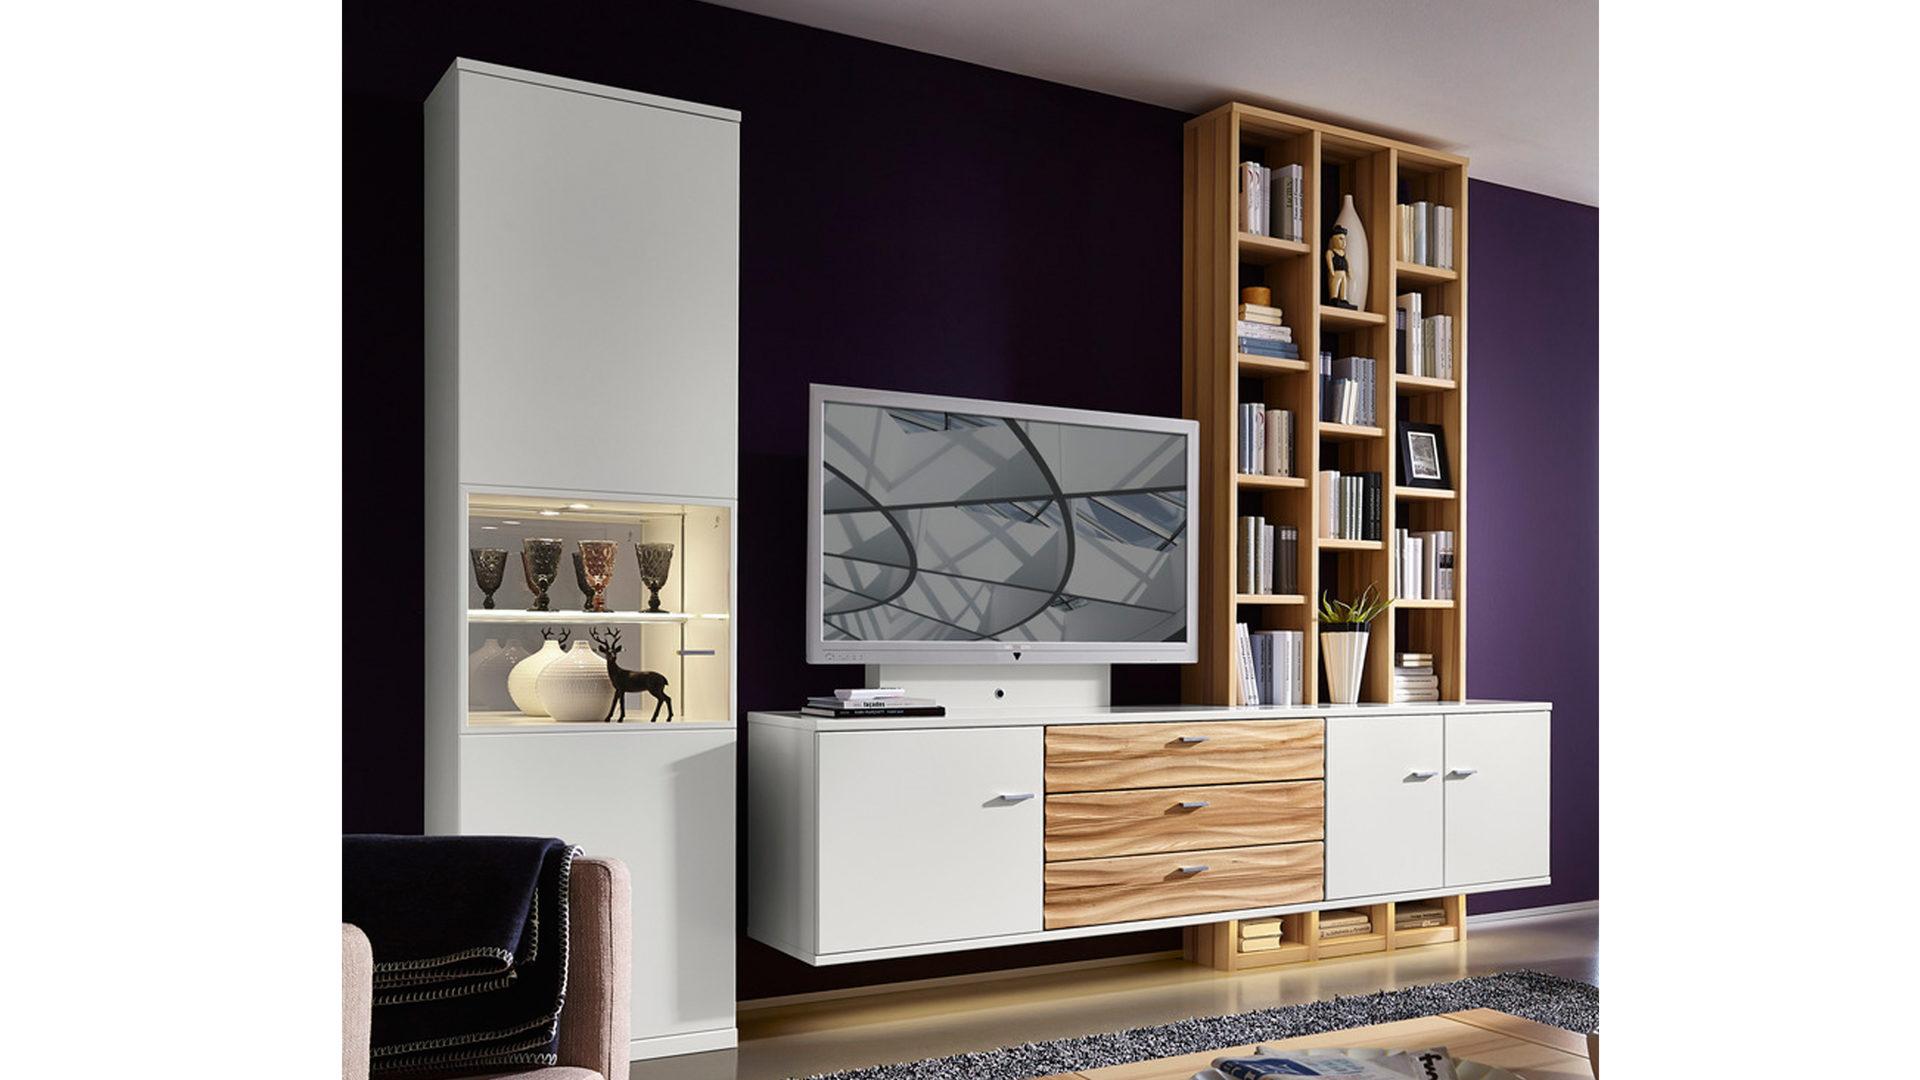 Mobel Bernskotter Gmbh Raume Arbeitszimmer Regale Raumteiler